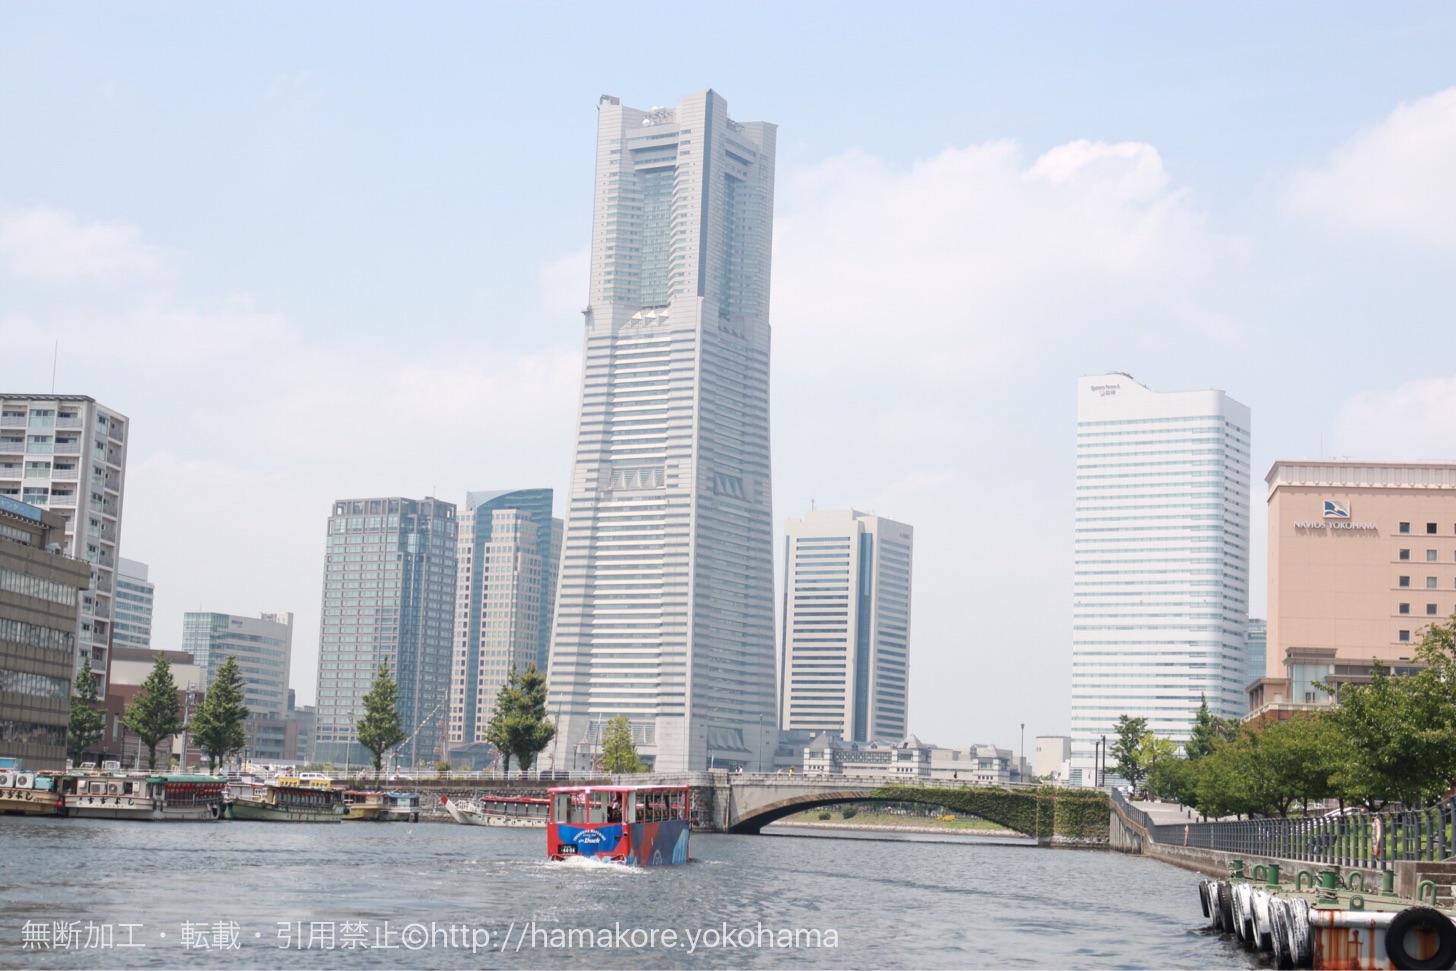 横浜の水陸両用バスは予約不可!チケット購入から乗車までの流れ